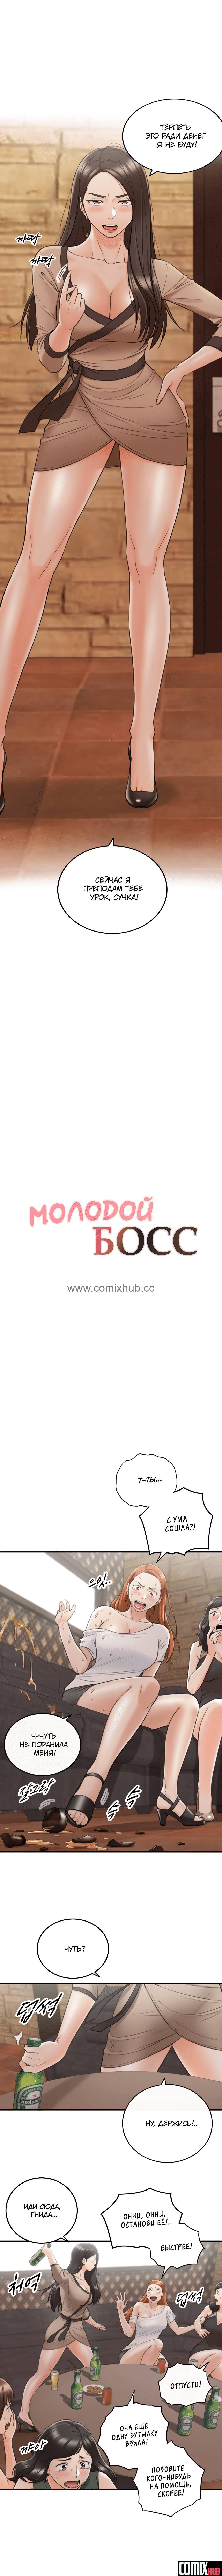 Хентай Манхва Молодой босс, часть 42 Хентай манга, манхва, Большая грудь, Большая попа, Измена